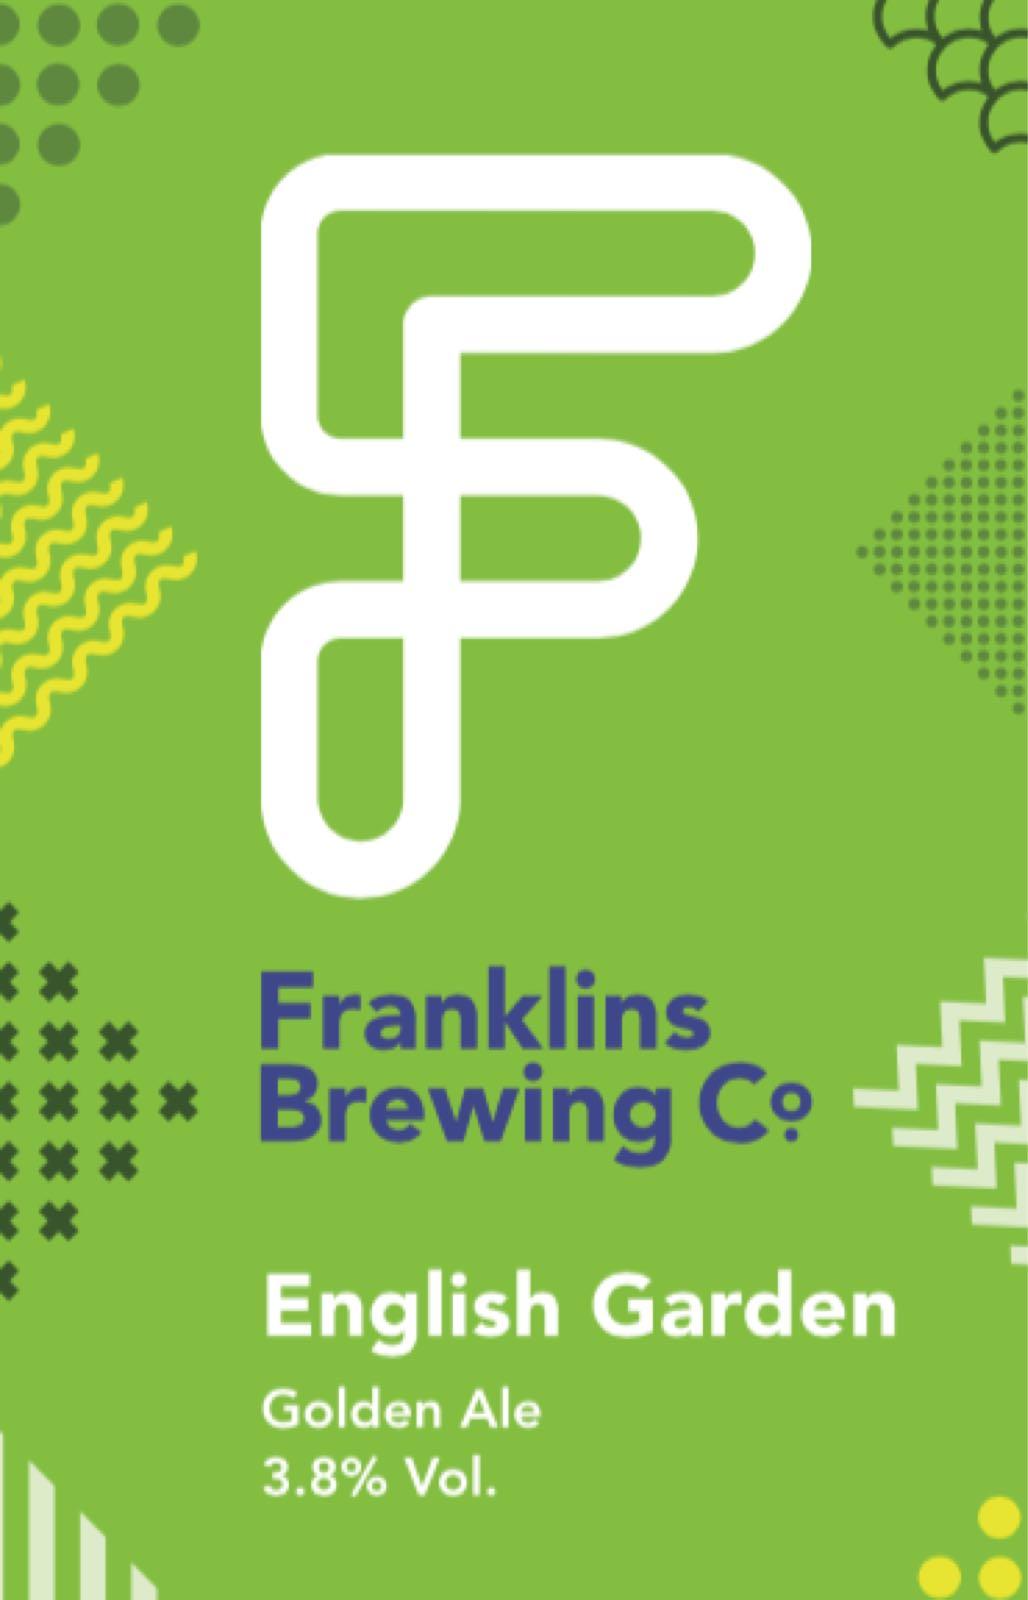 Franklins English Garden